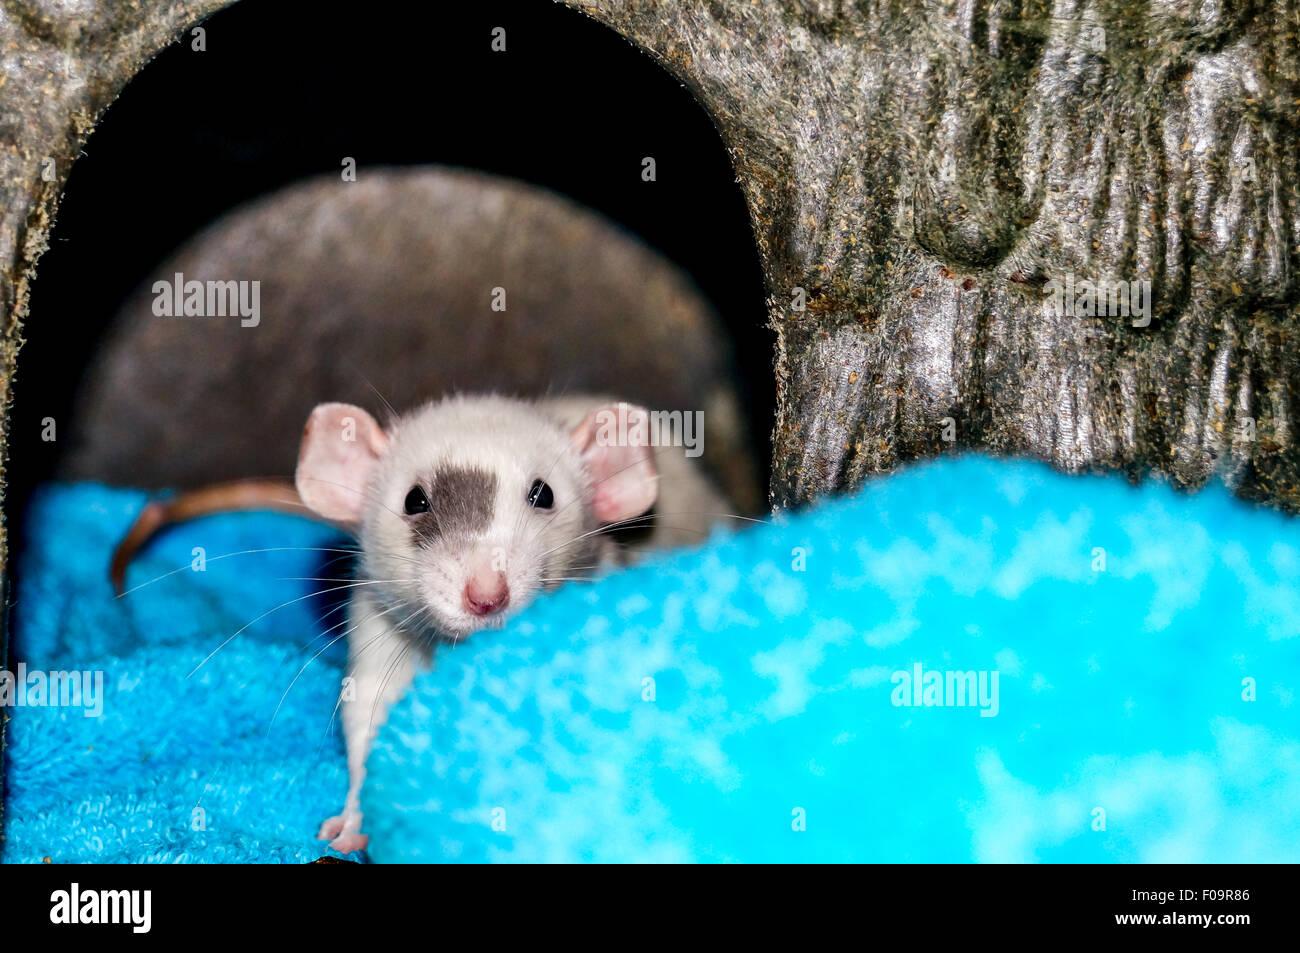 Rata dumbo blanco dentro de una pequeña casa de animales y mirando a la cámara Imagen De Stock